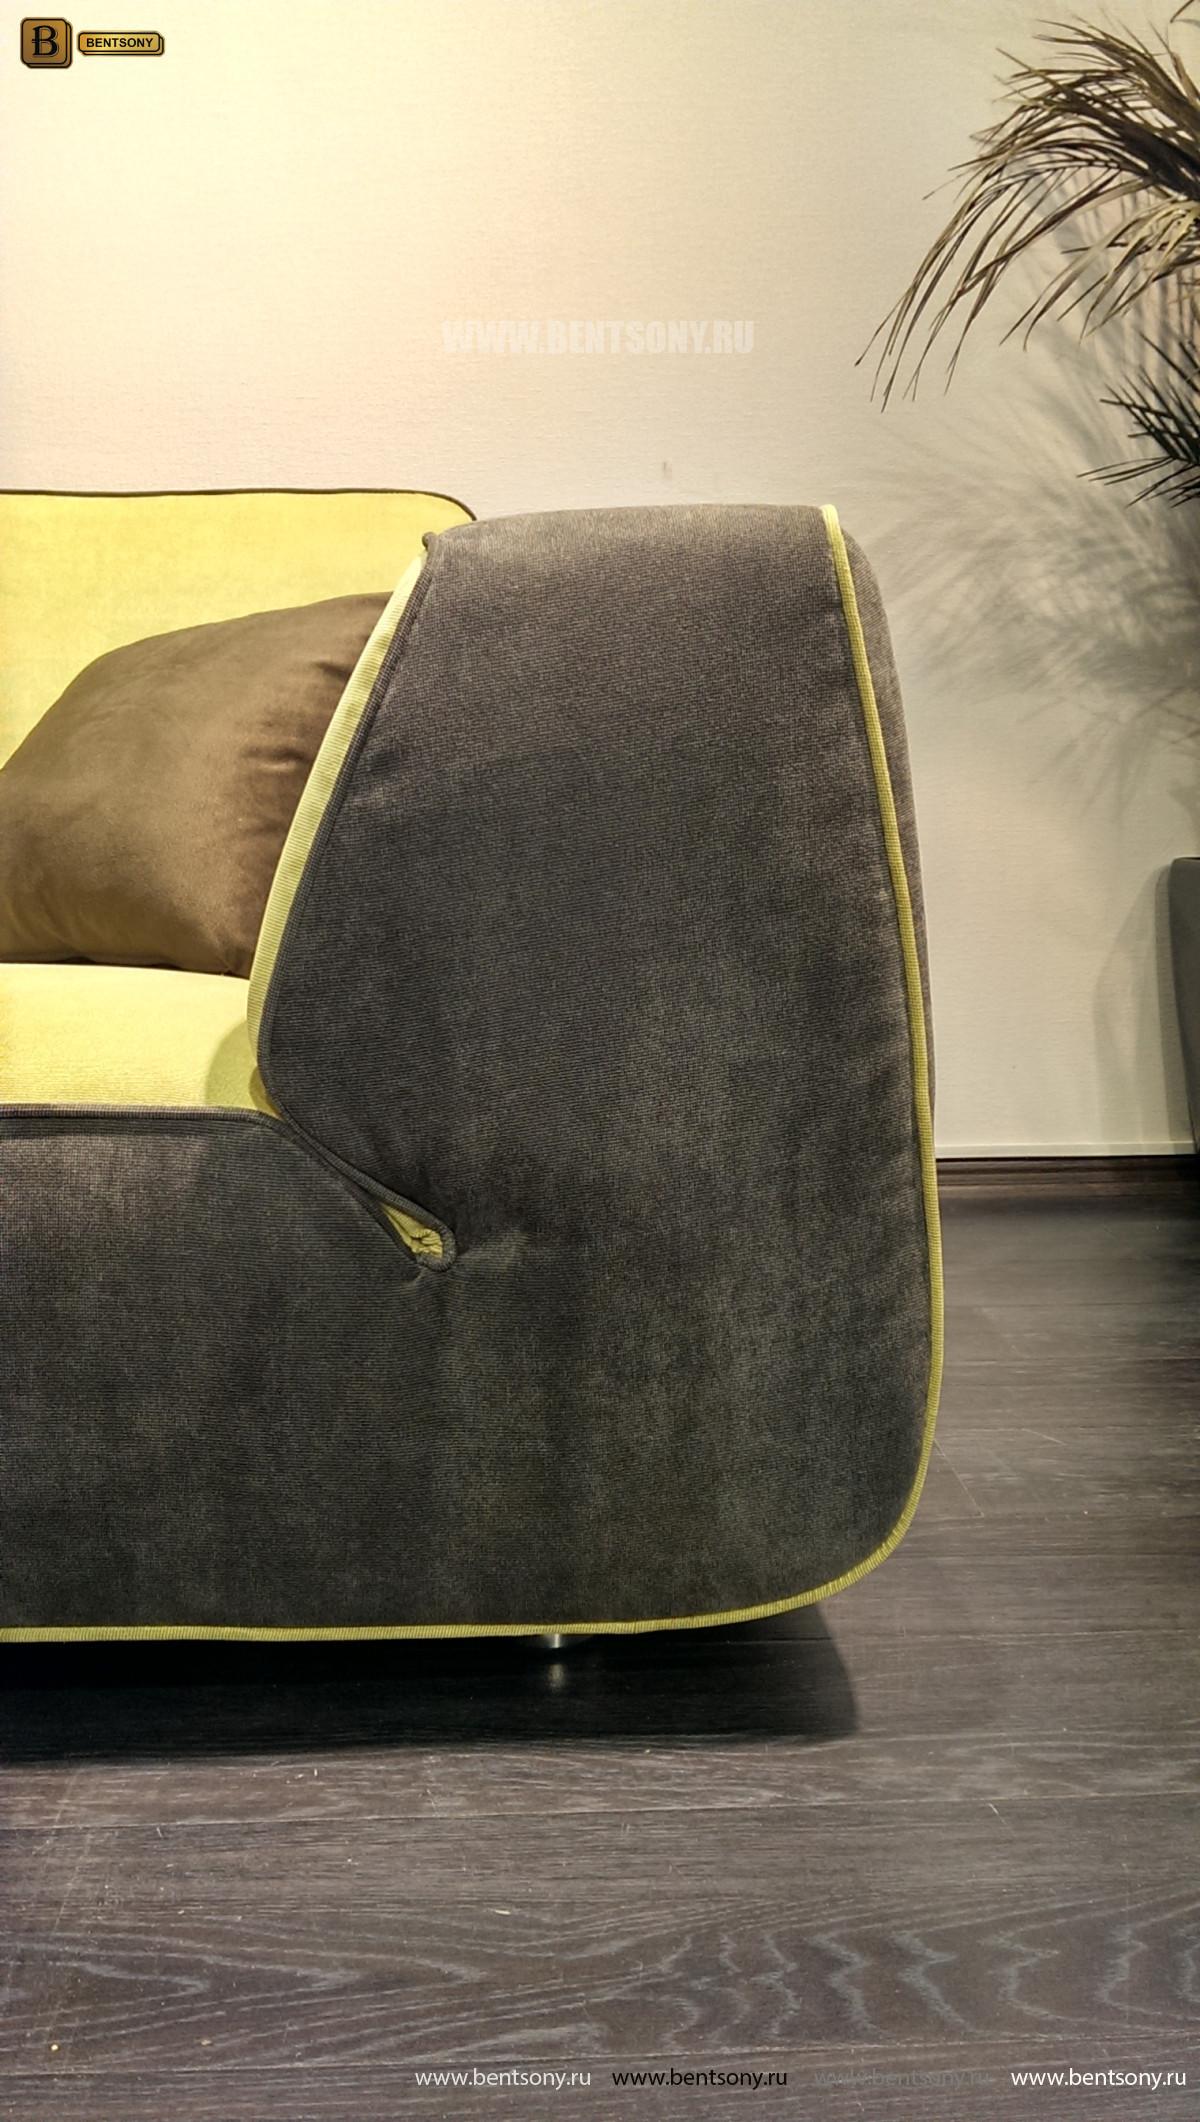 Диван Мобилини (Угловой с Пуфом, Велюр) каталог мебели